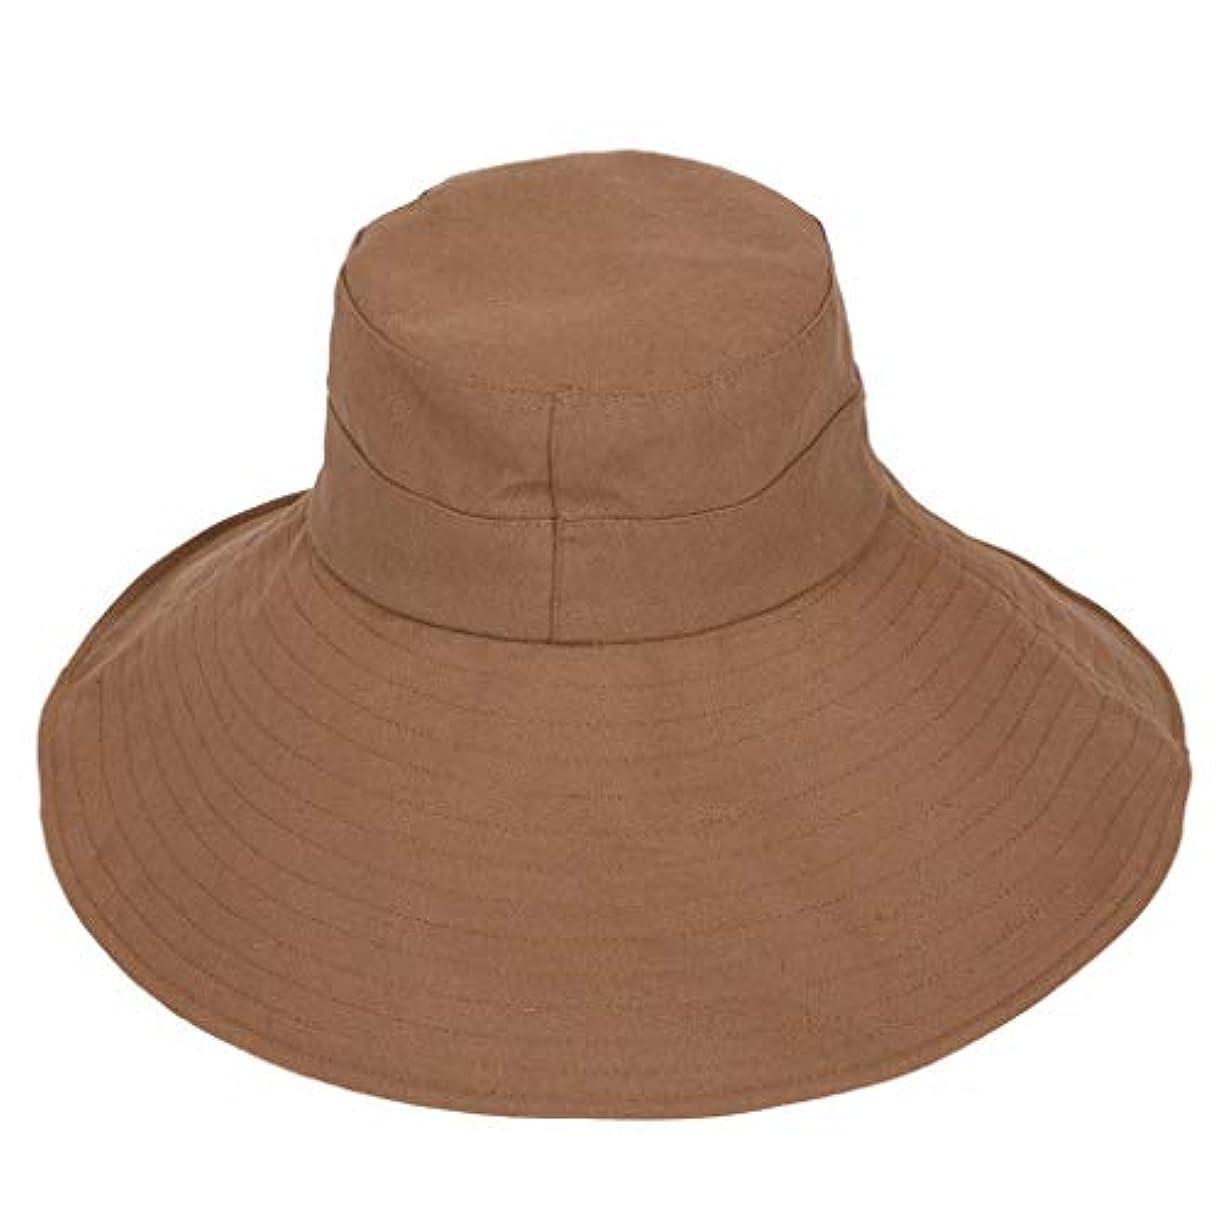 ぼんやりした治すエッセイ漁師帽 ROSE ROMAN 帽子 レディース UVカット 帽子 UV帽子 日焼け防止 軽量 熱中症予防 取り外すあご紐 つば広 おしゃれ 可愛い 夏季 海 旅行 無地 ワイルド カジュアル スタイル ファッション シンプル 発送